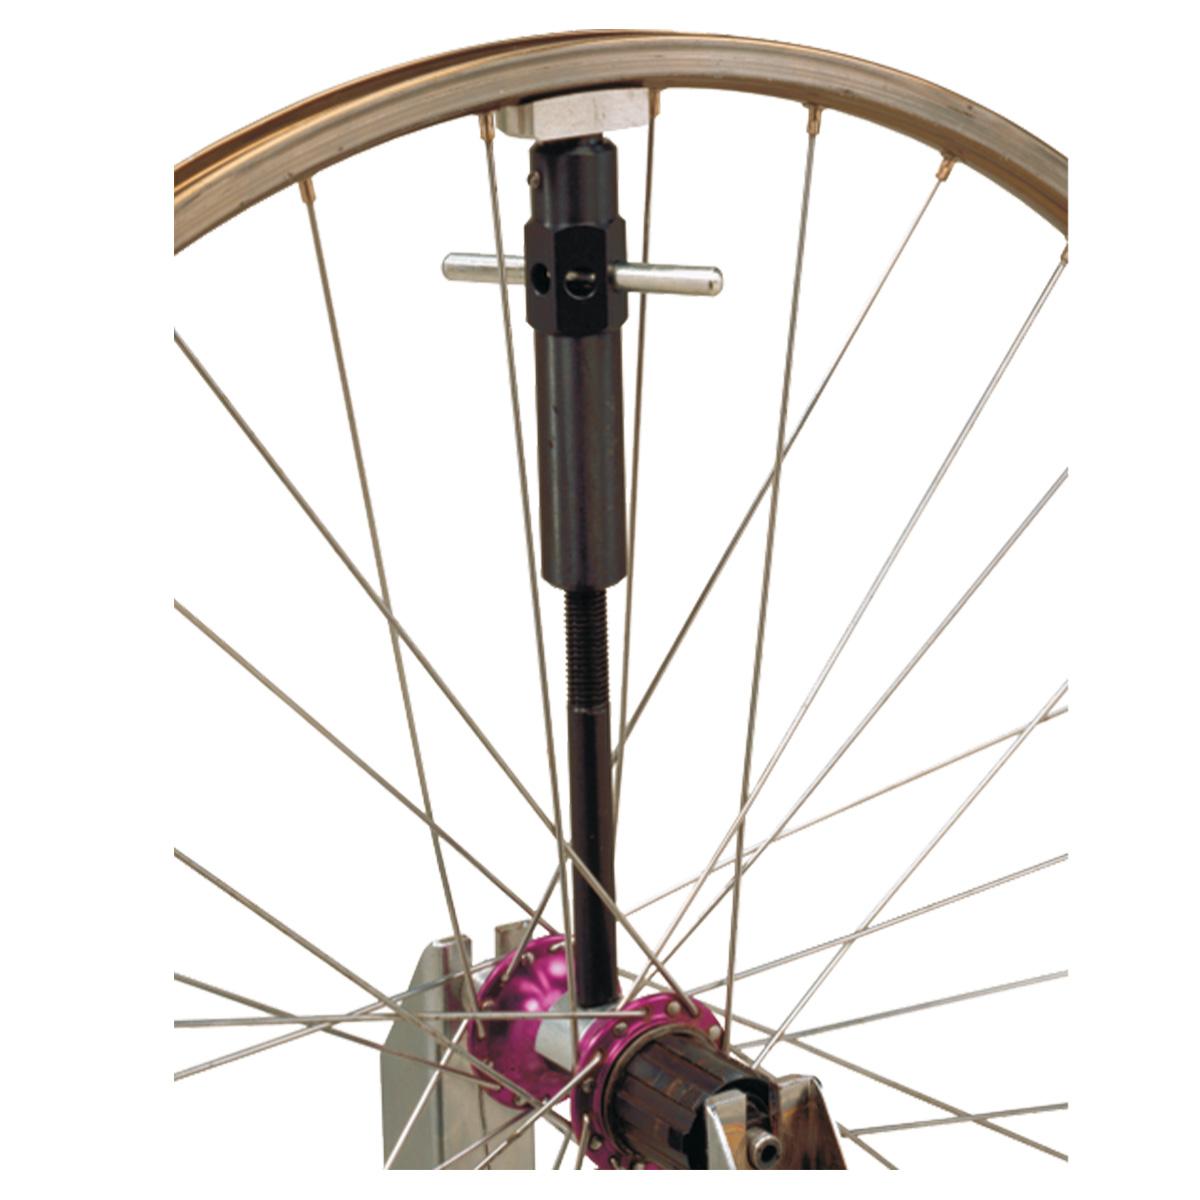 CYCLUS TOOLS - FERRAMENTA PARA REPARO E ALINHAMENTO DE AROS - 720014